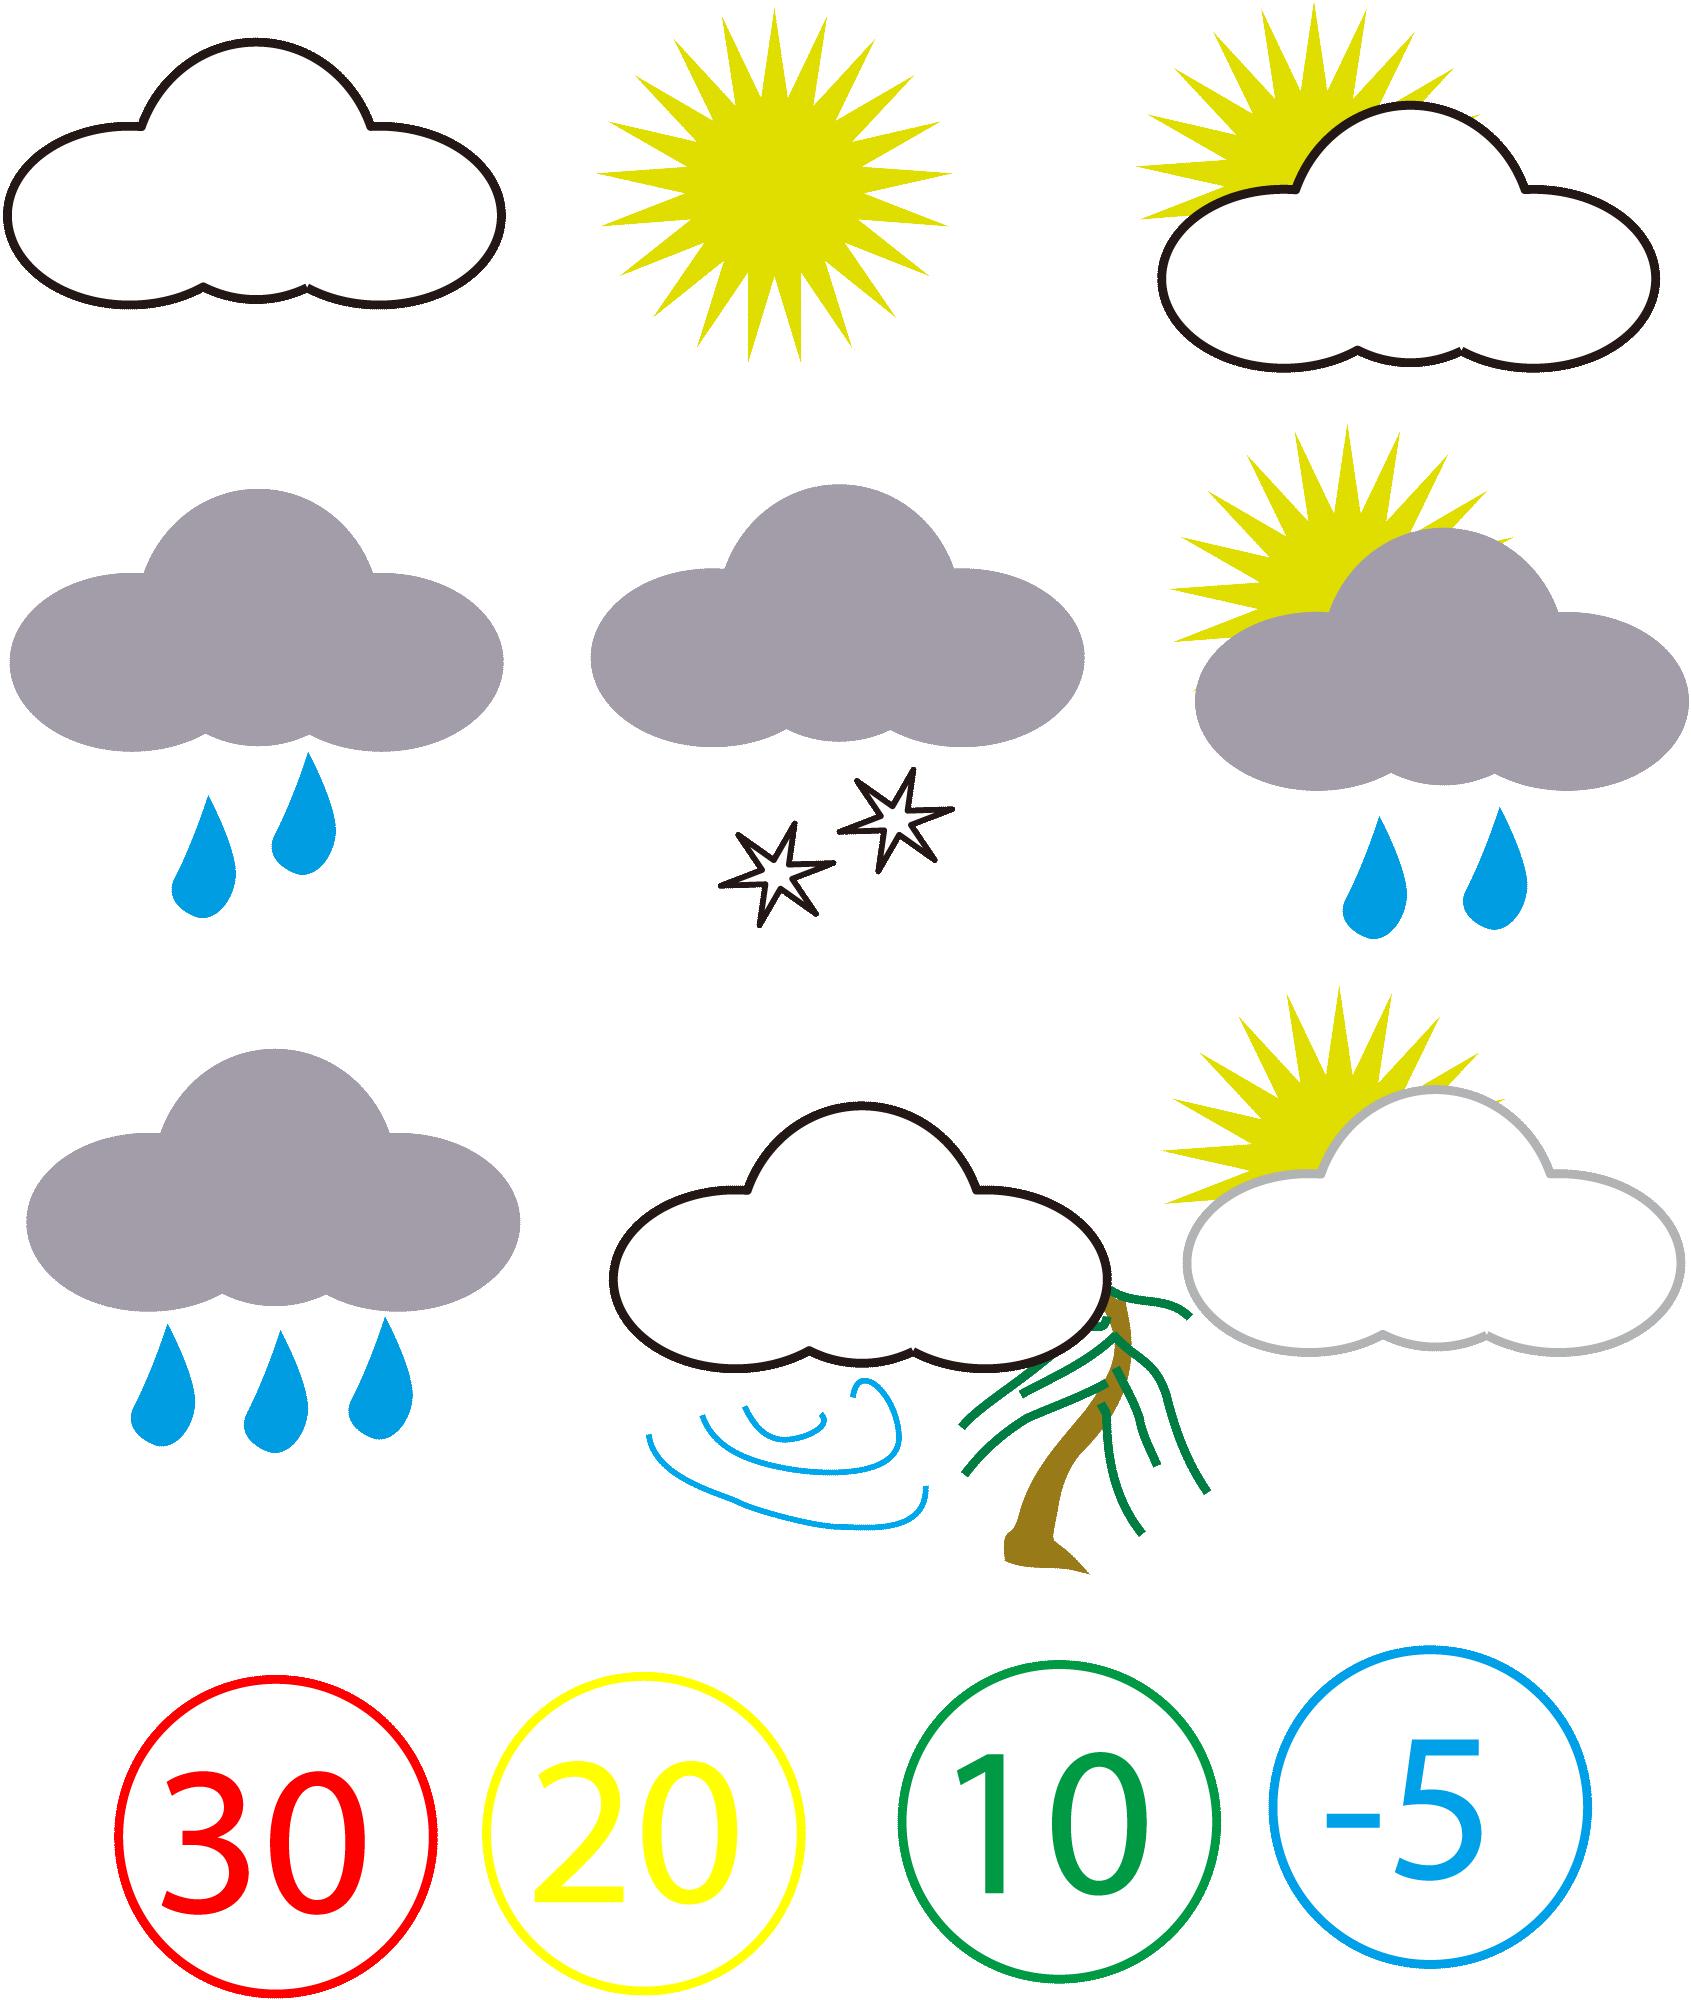 дарили красивые картинки для календаря погоды никогда говорил